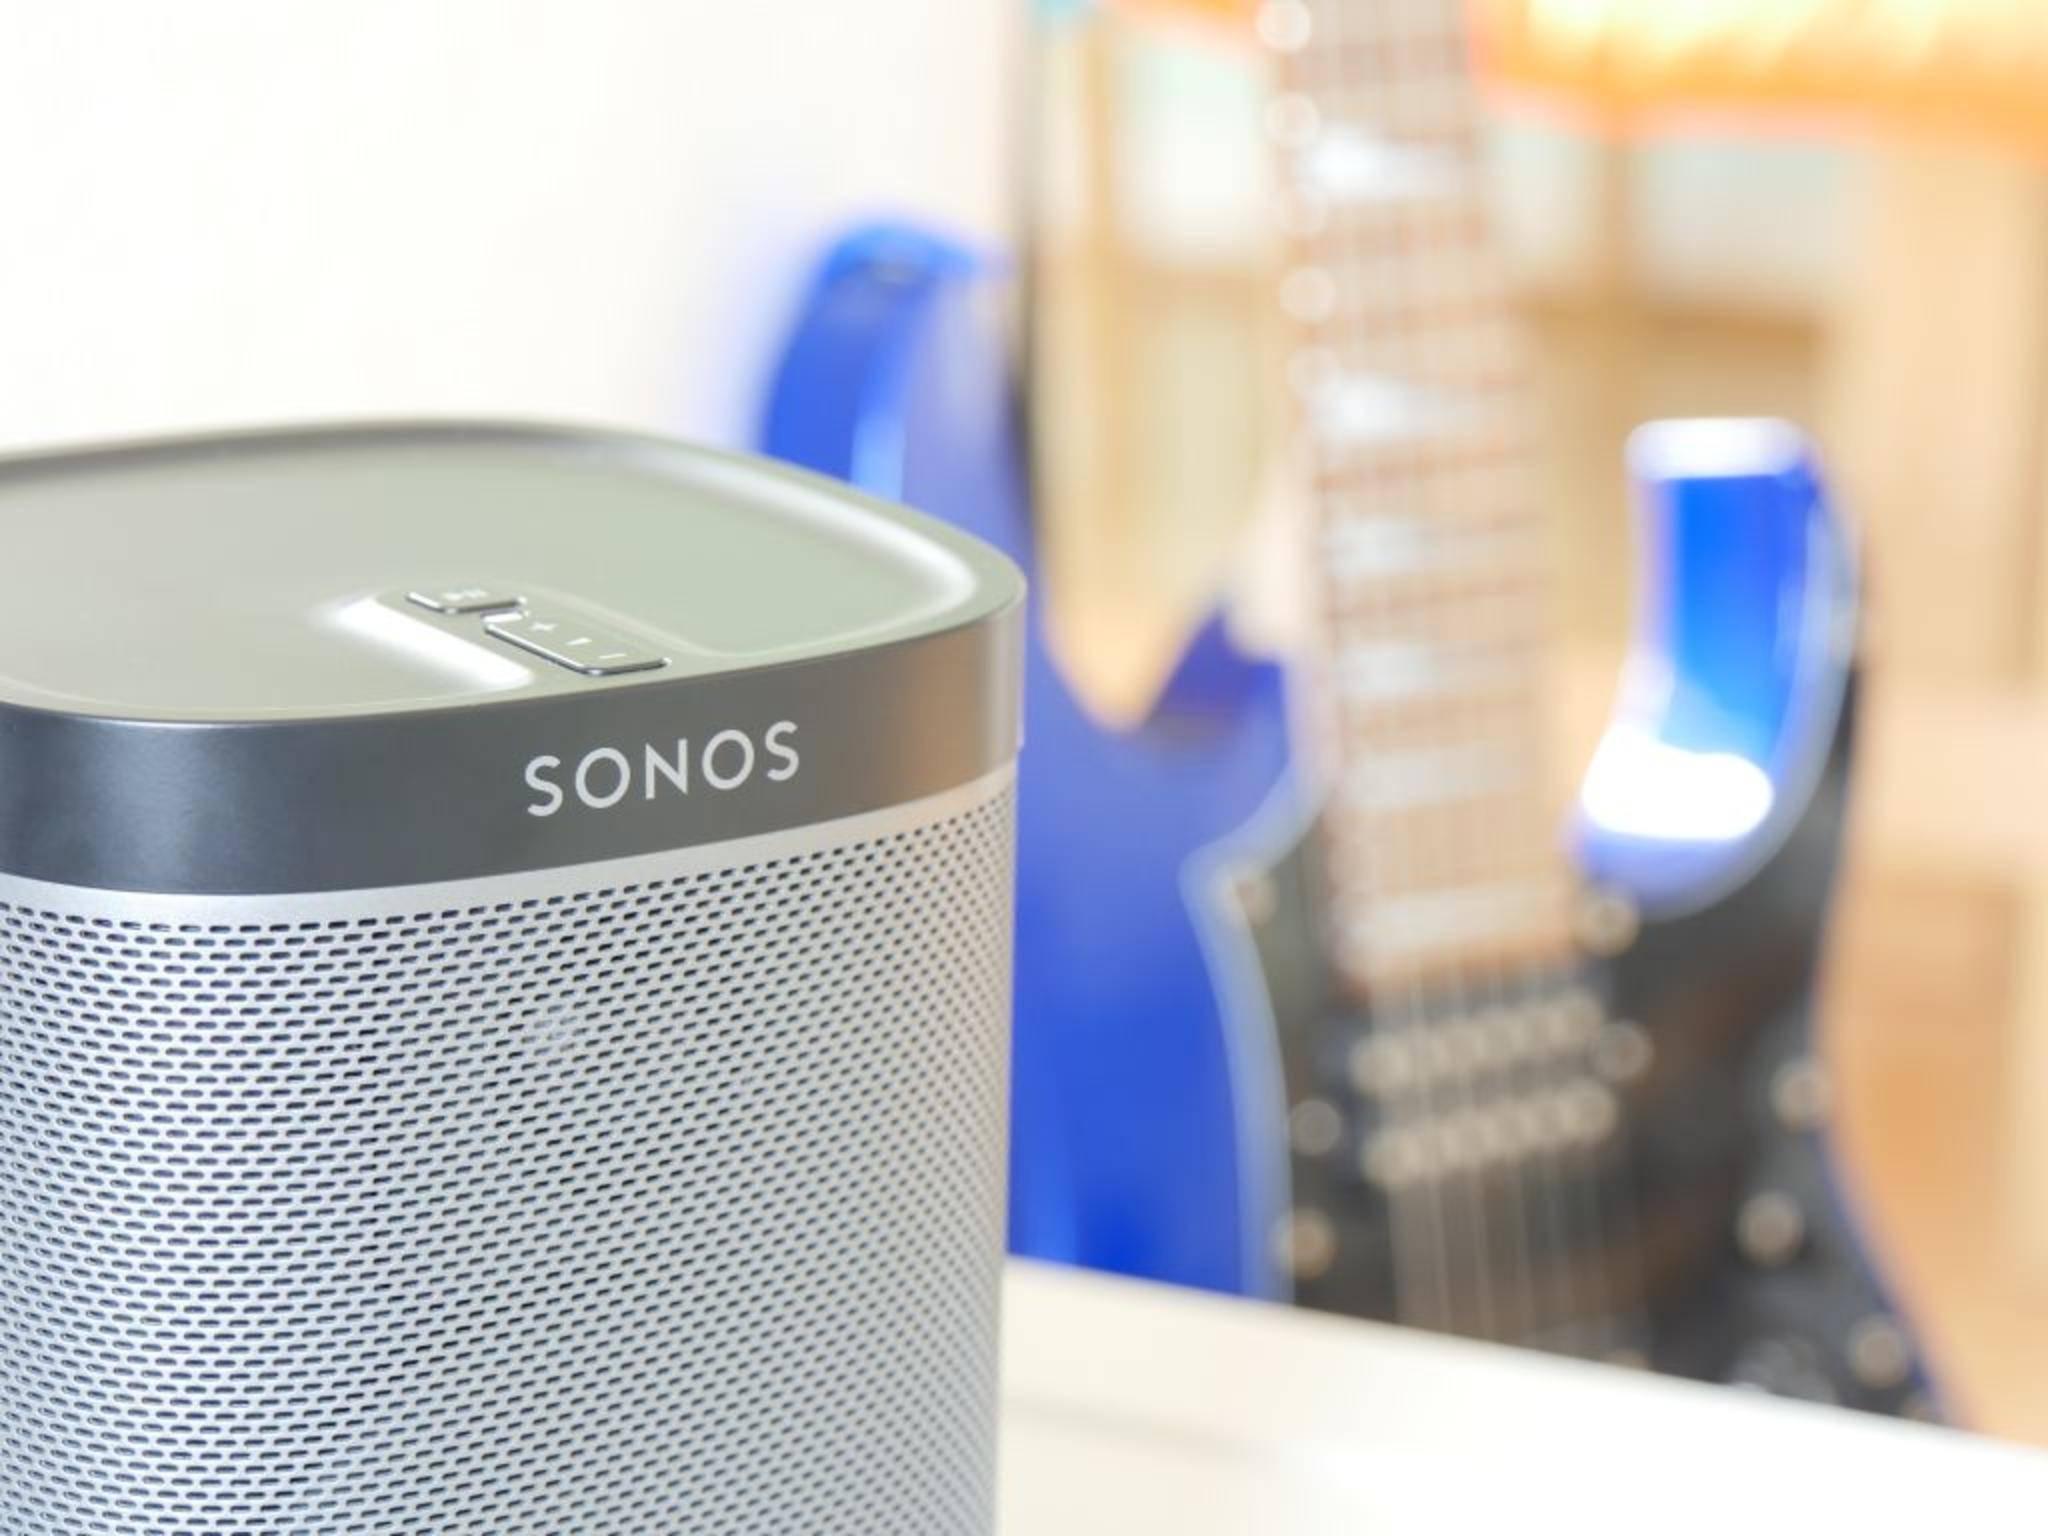 Apple Music läuft ab 15. Dezember auf Sonos-Systemen.